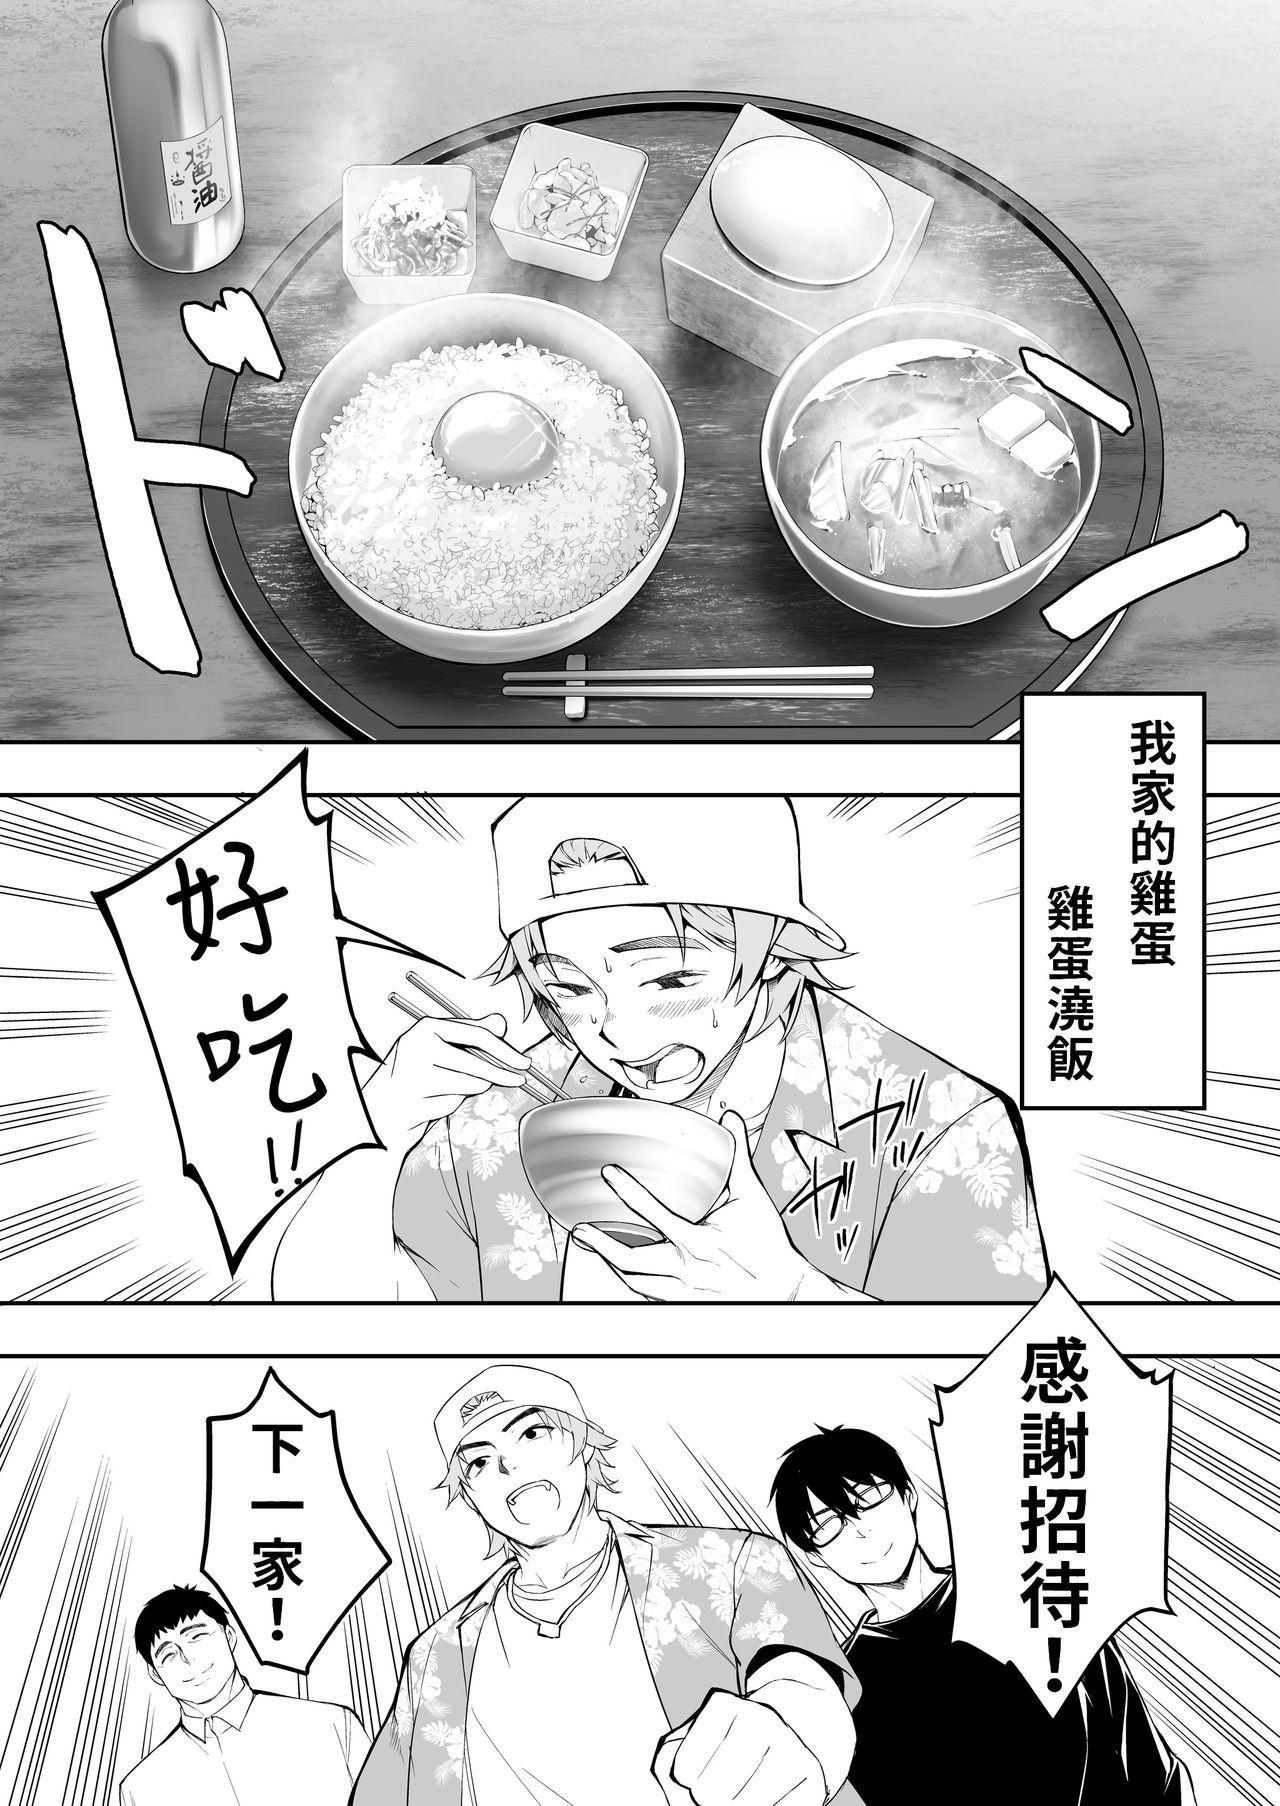 Panpan Travelers Hakata Shuudan Rape Ryokou | 吃飯兼炒飯TRAVELERS~博多集團強●旅行 37